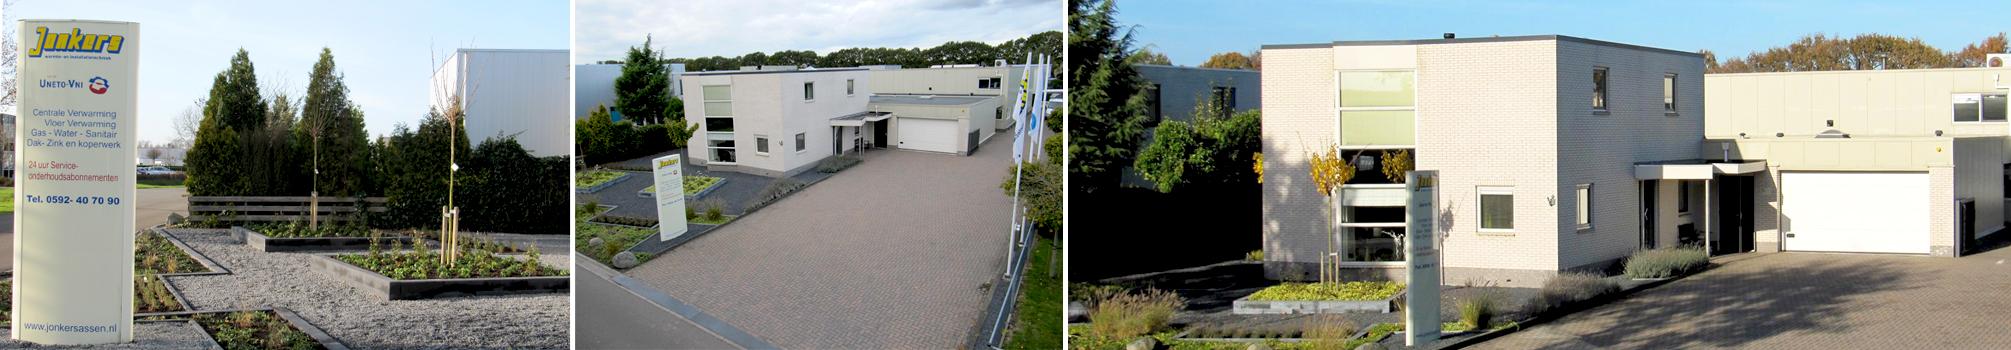 header-Jonkers-Assen-Warmte-en-installatie-techniek-Pand